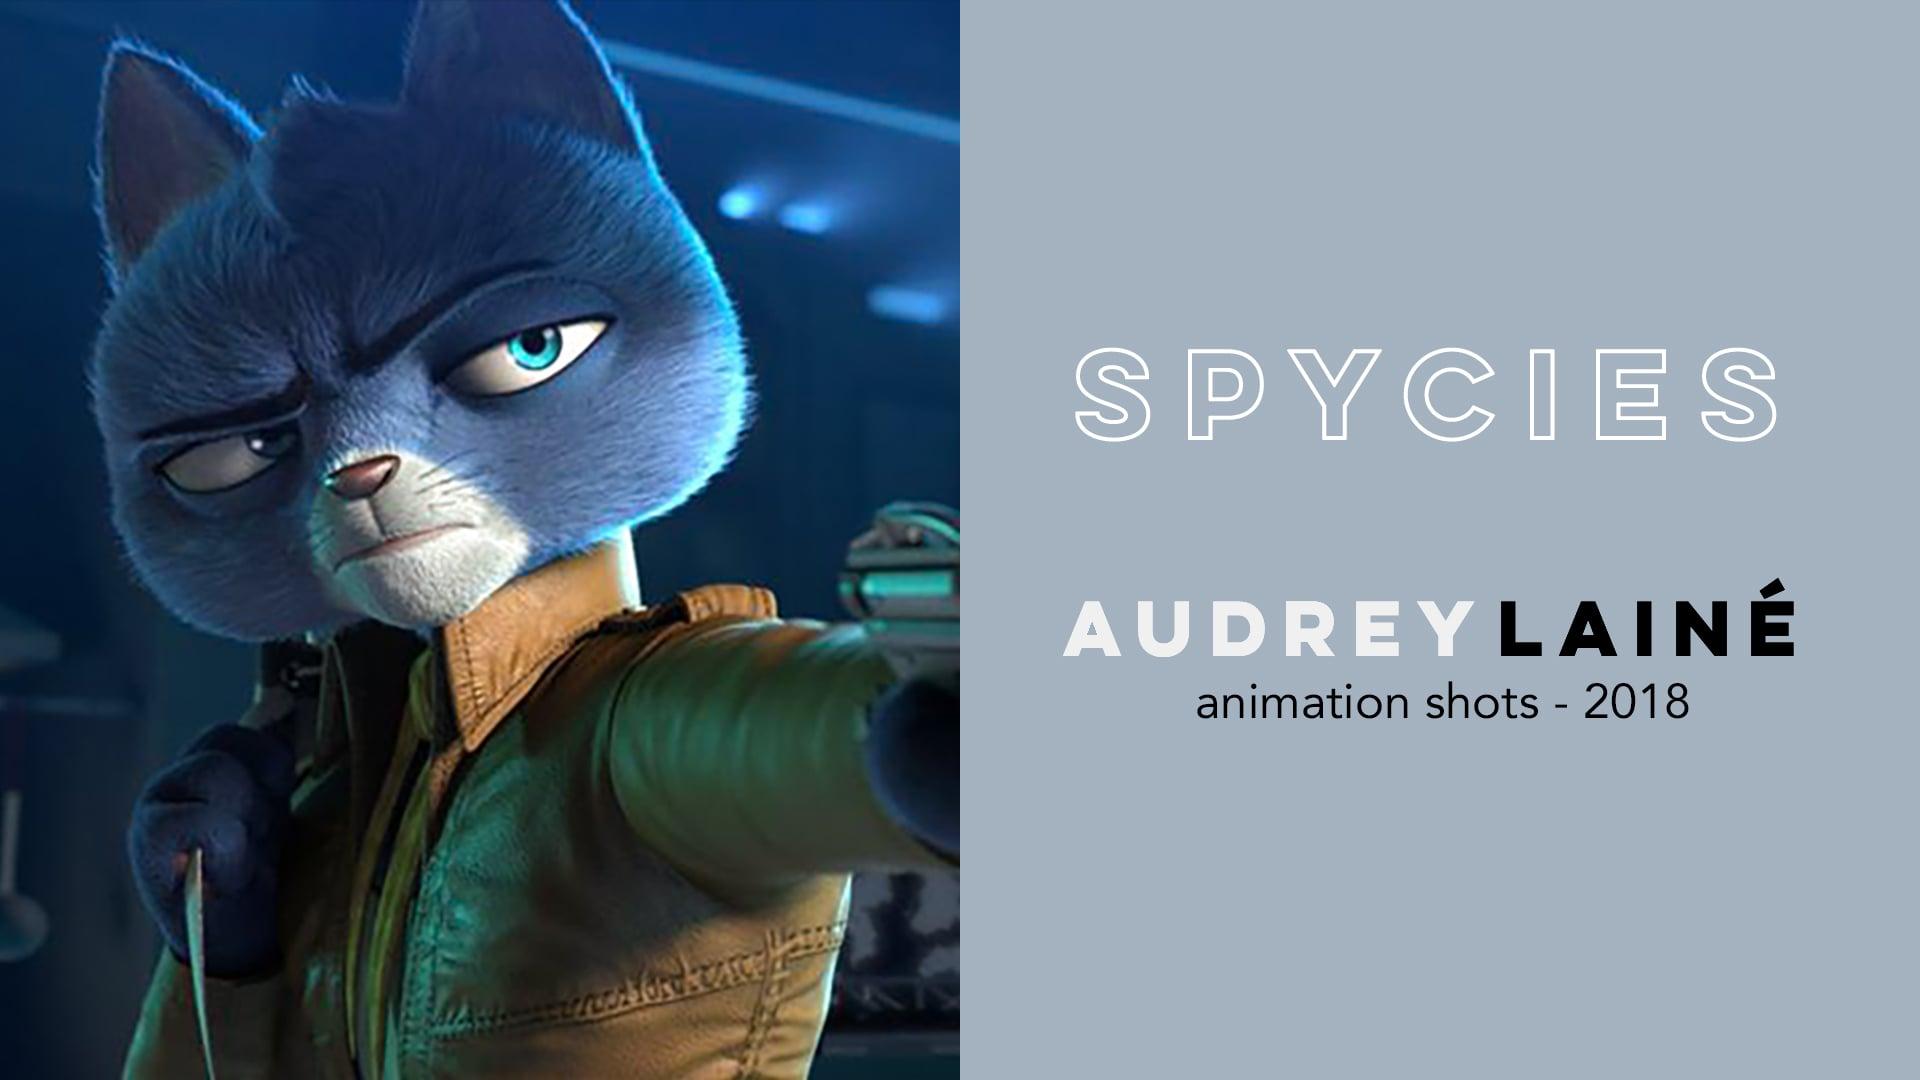 Audrey Lainé // Spycies animation shots 2018